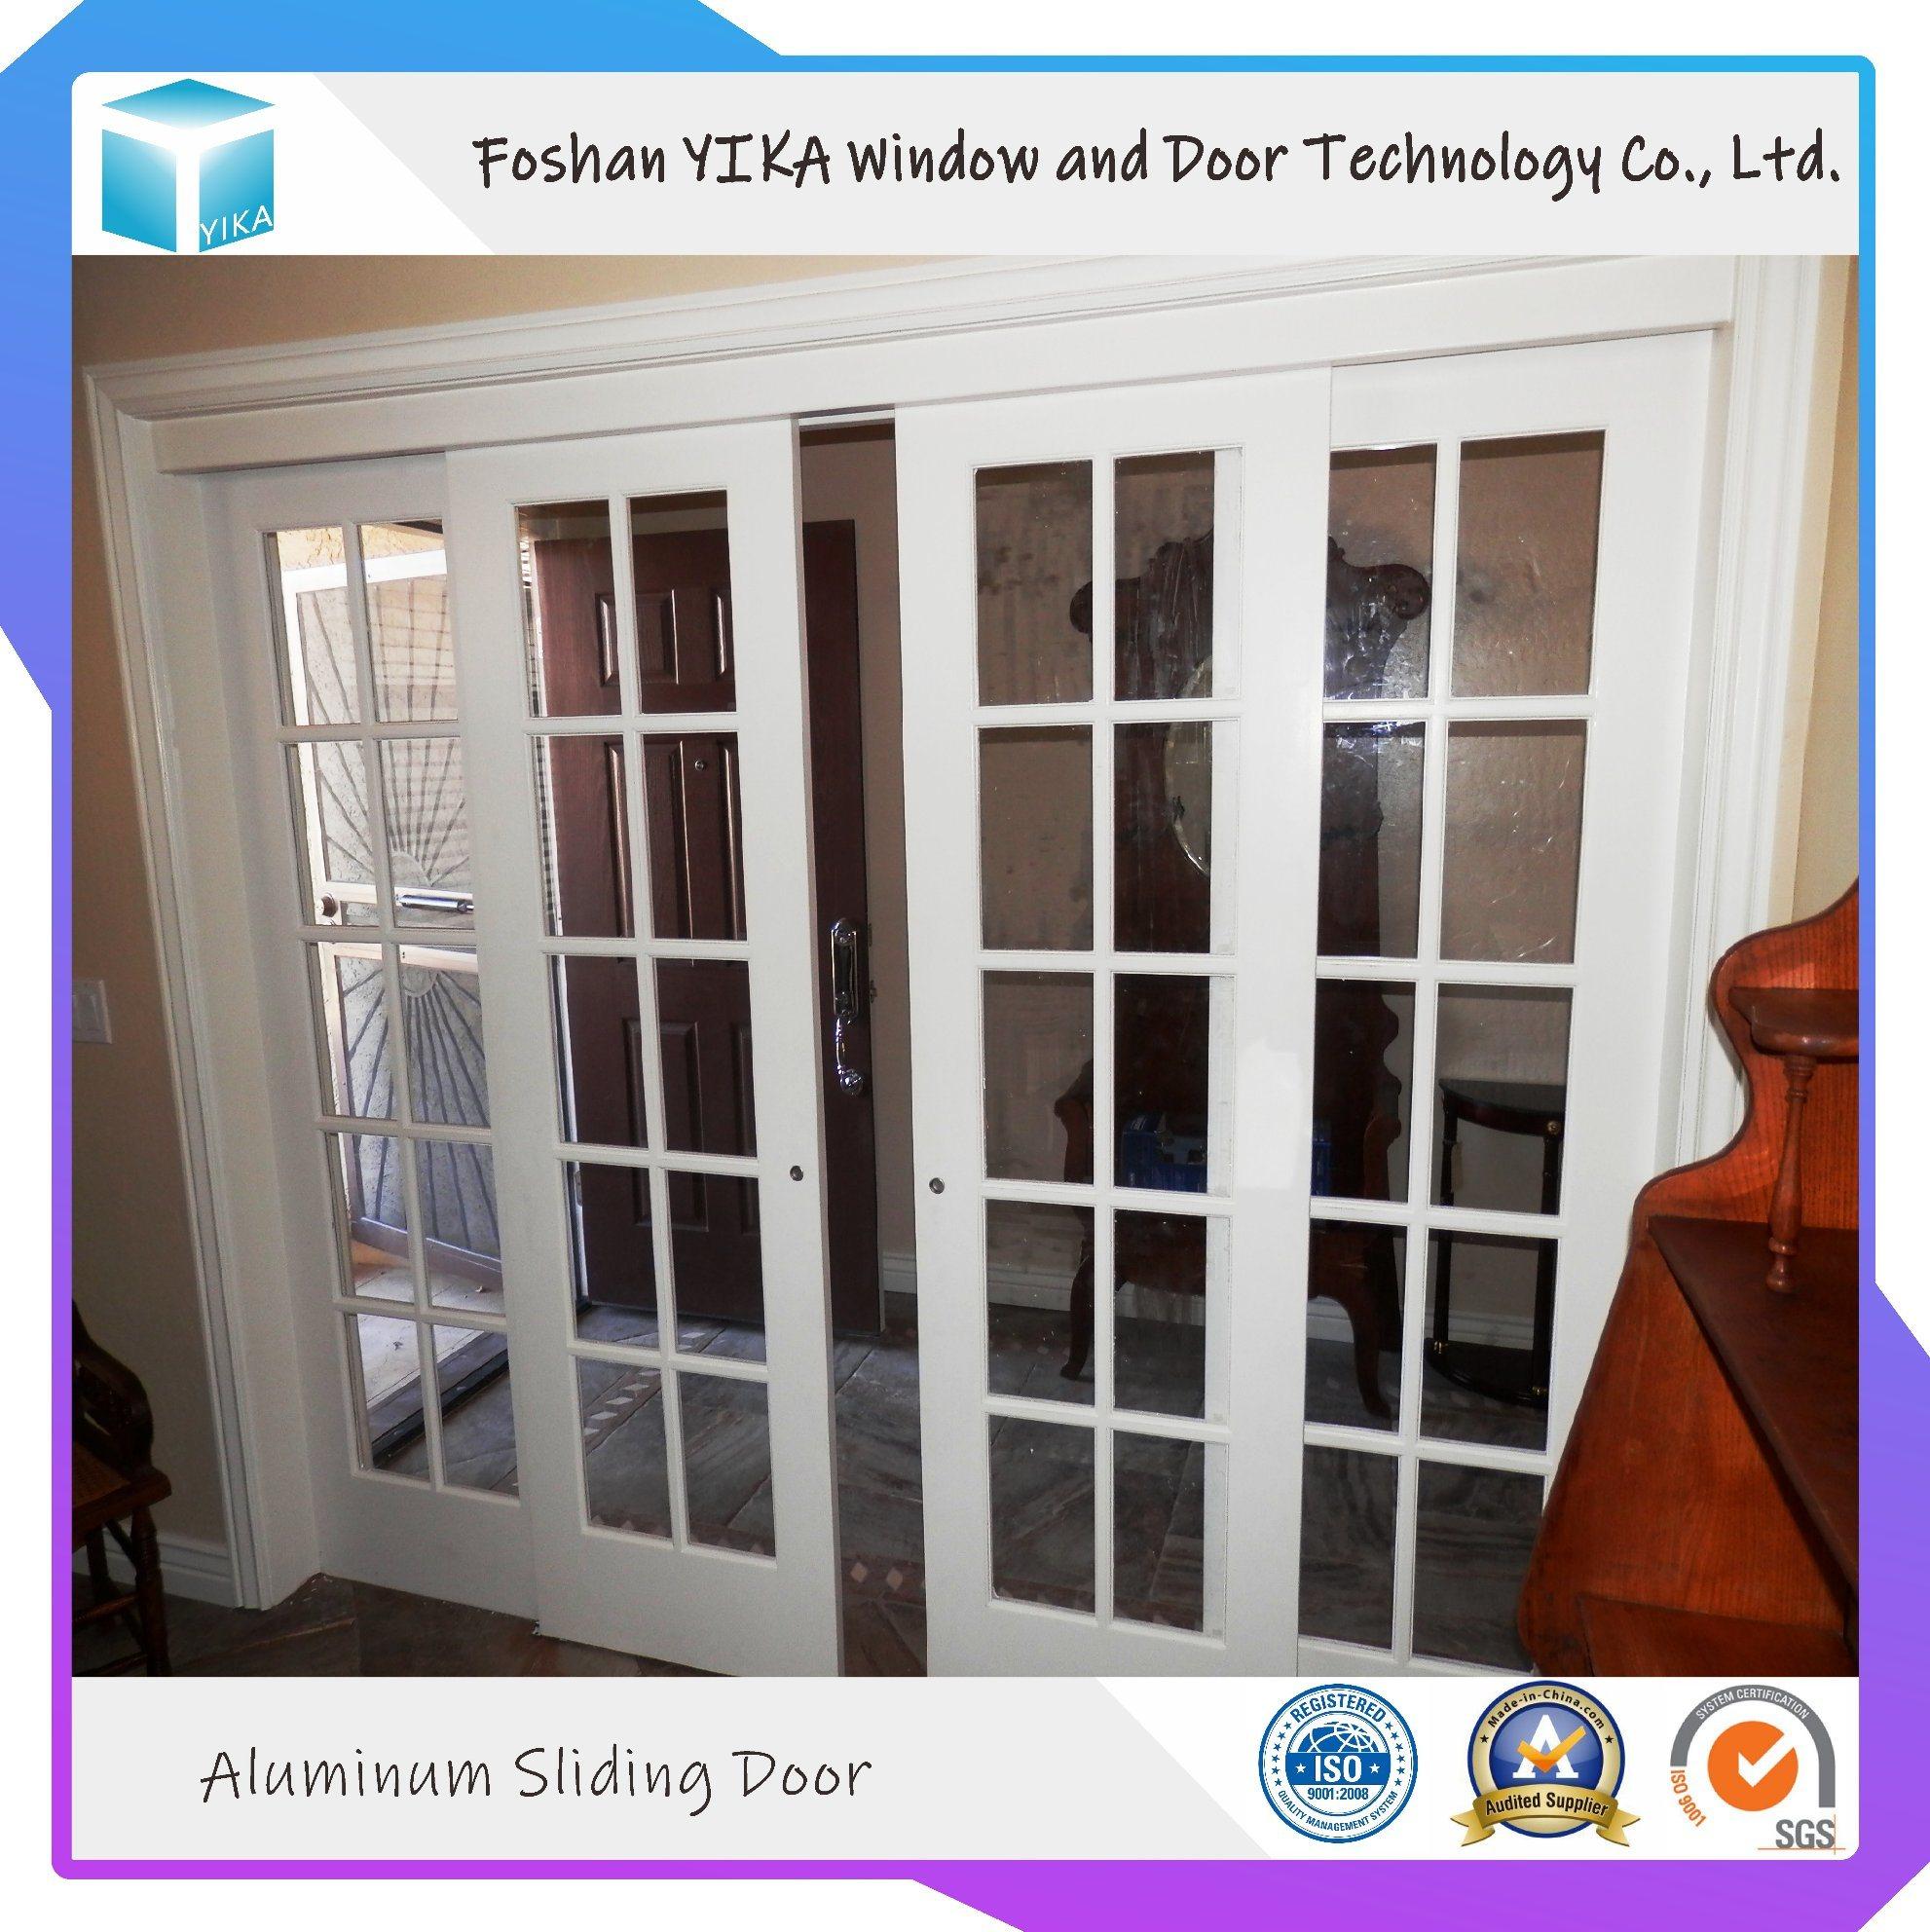 foshan yika window and door technology co ltd